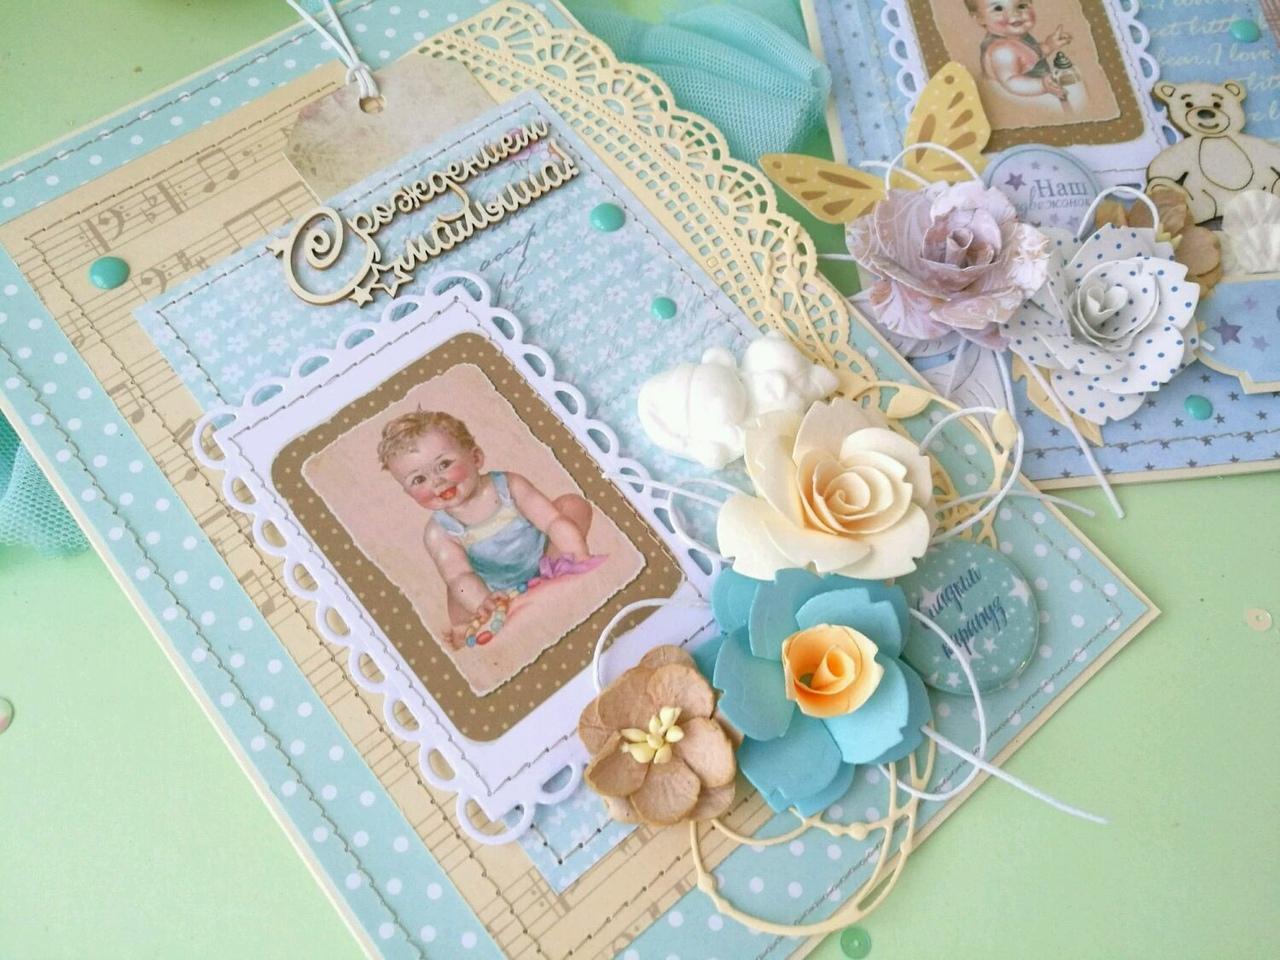 Анимация, фото открыток с новорожденным